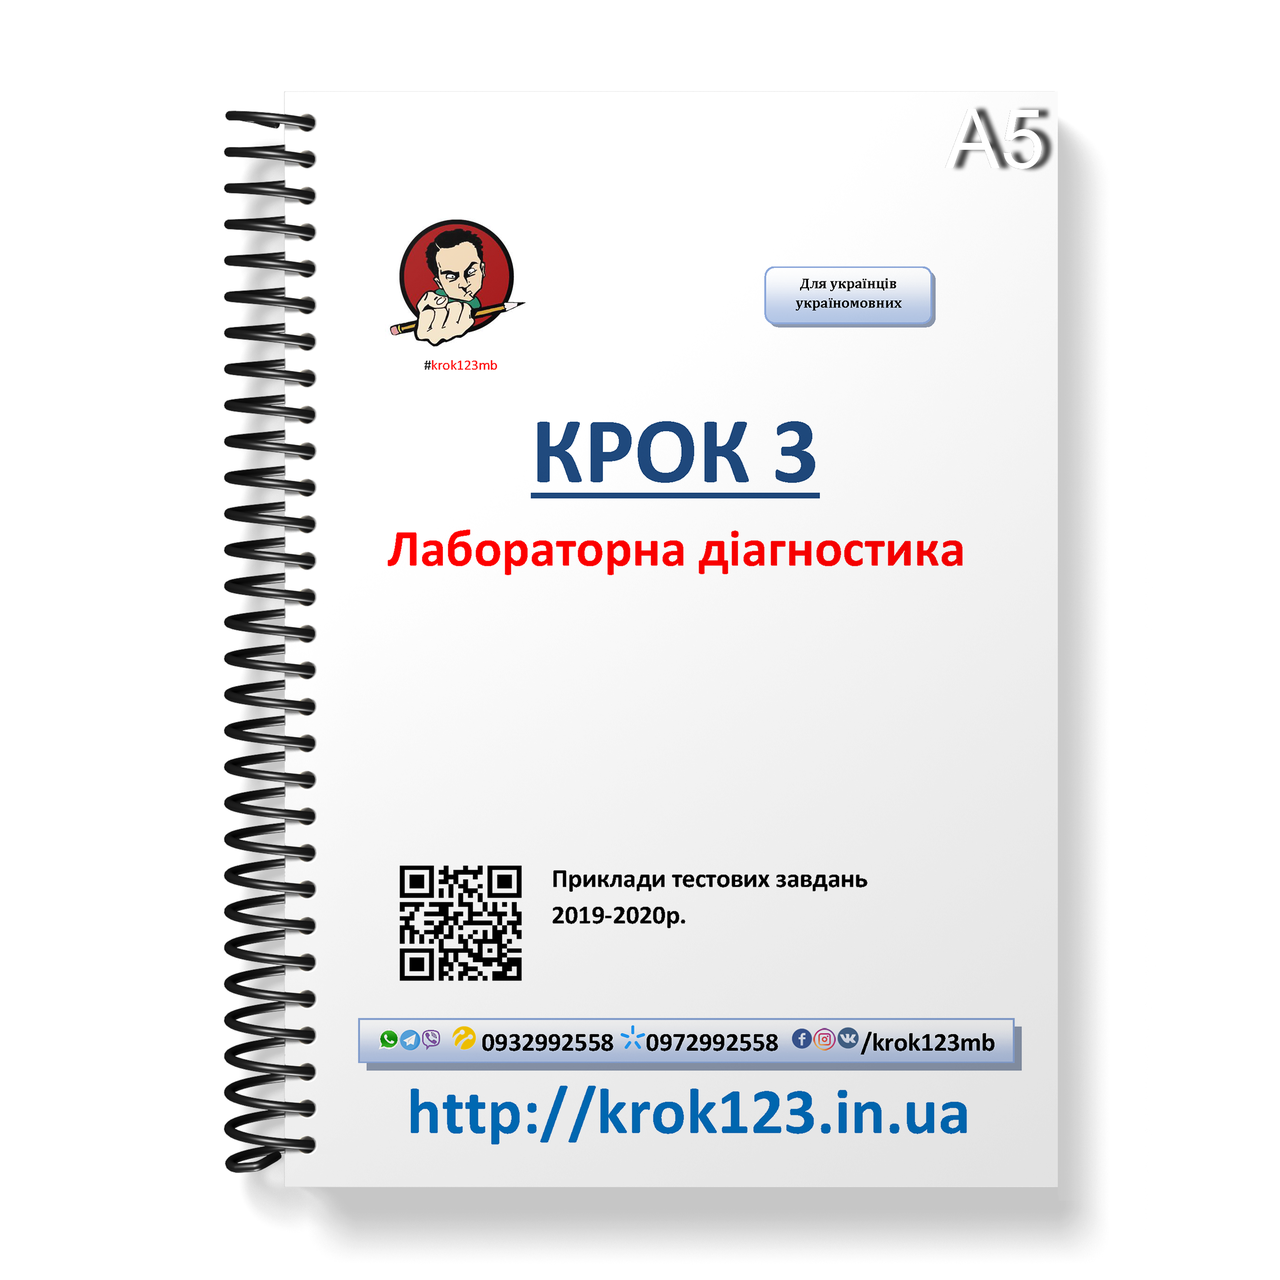 Крок 3. Лабораторная диагностика. ЕГКЭ (Примеры тестовых заданий) 2019-2020. Для украинцев украиноязычных.